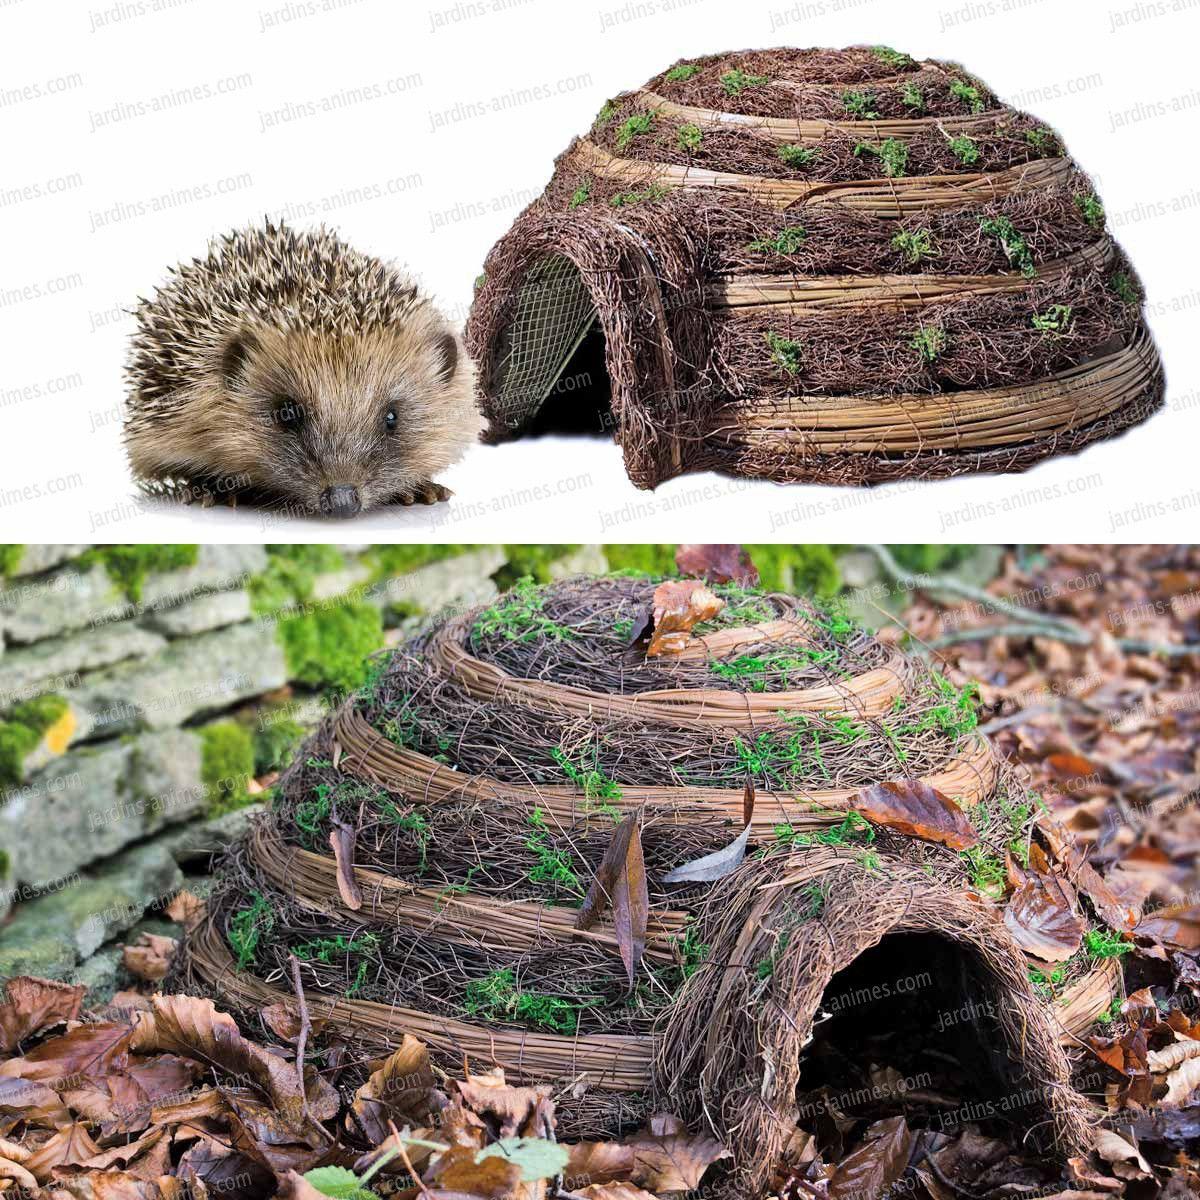 h risson maison abri maisons abris animaux deco jardin pinterest refuges feuilles. Black Bedroom Furniture Sets. Home Design Ideas